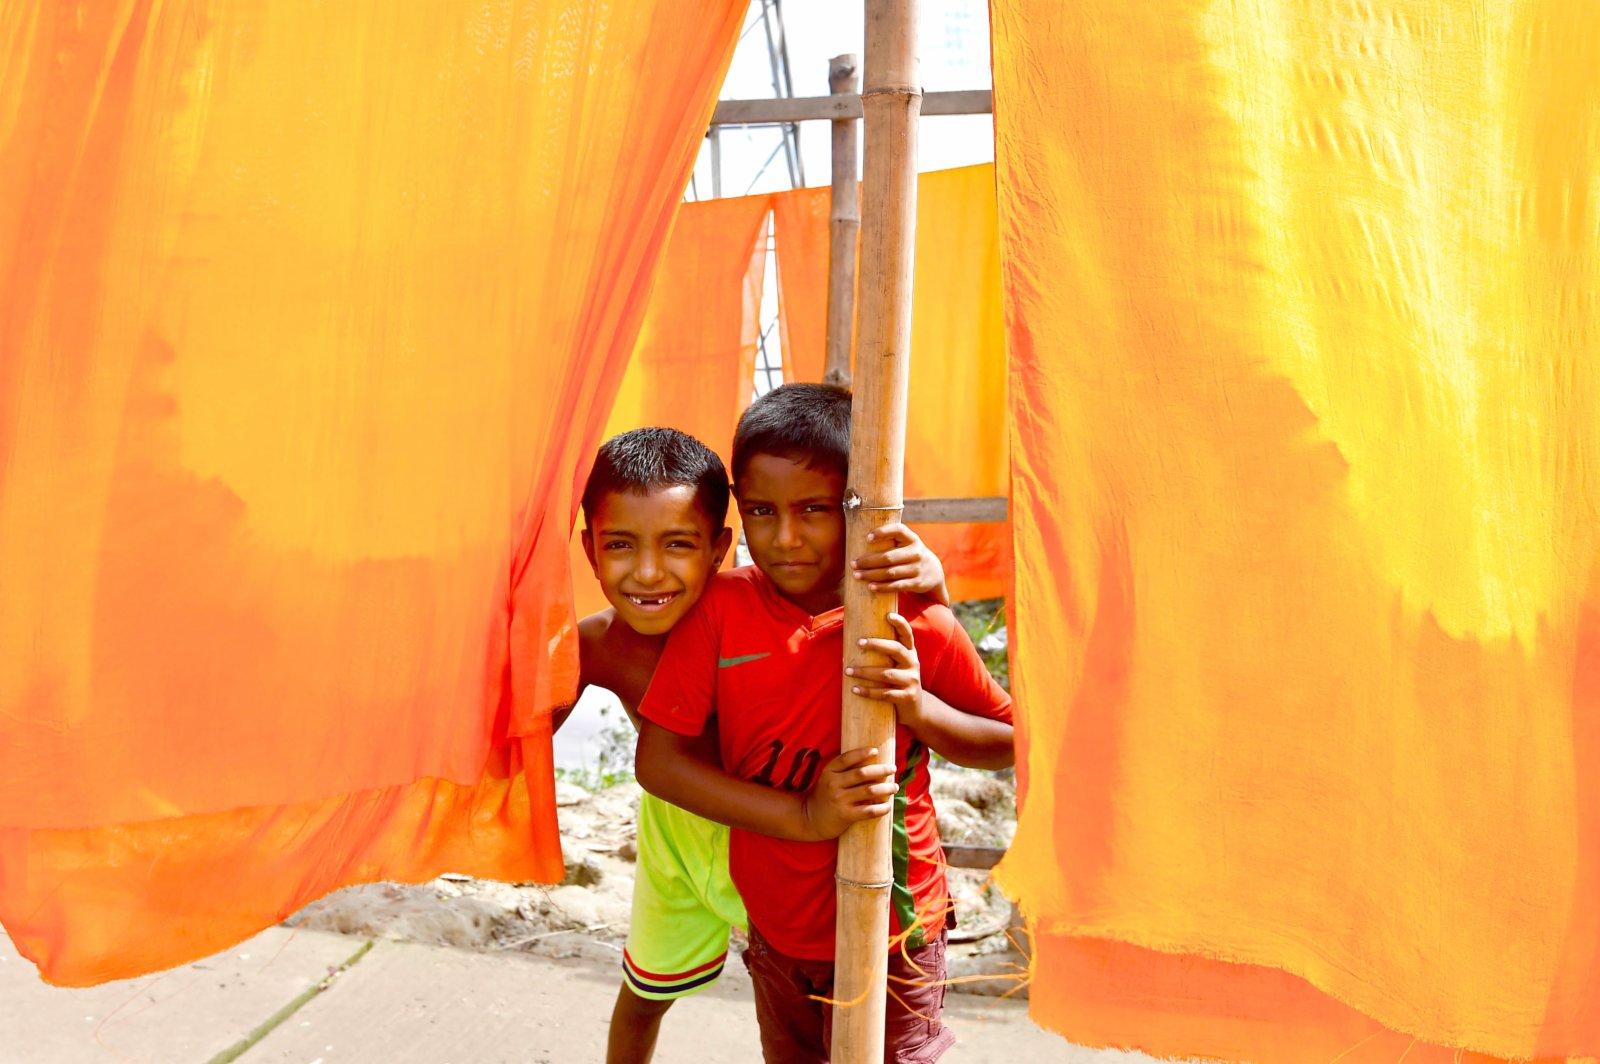 9月15日,在孟加拉國納拉揚甘傑地區,兩名兒童站在晾曬的布匹旁。(新華社)